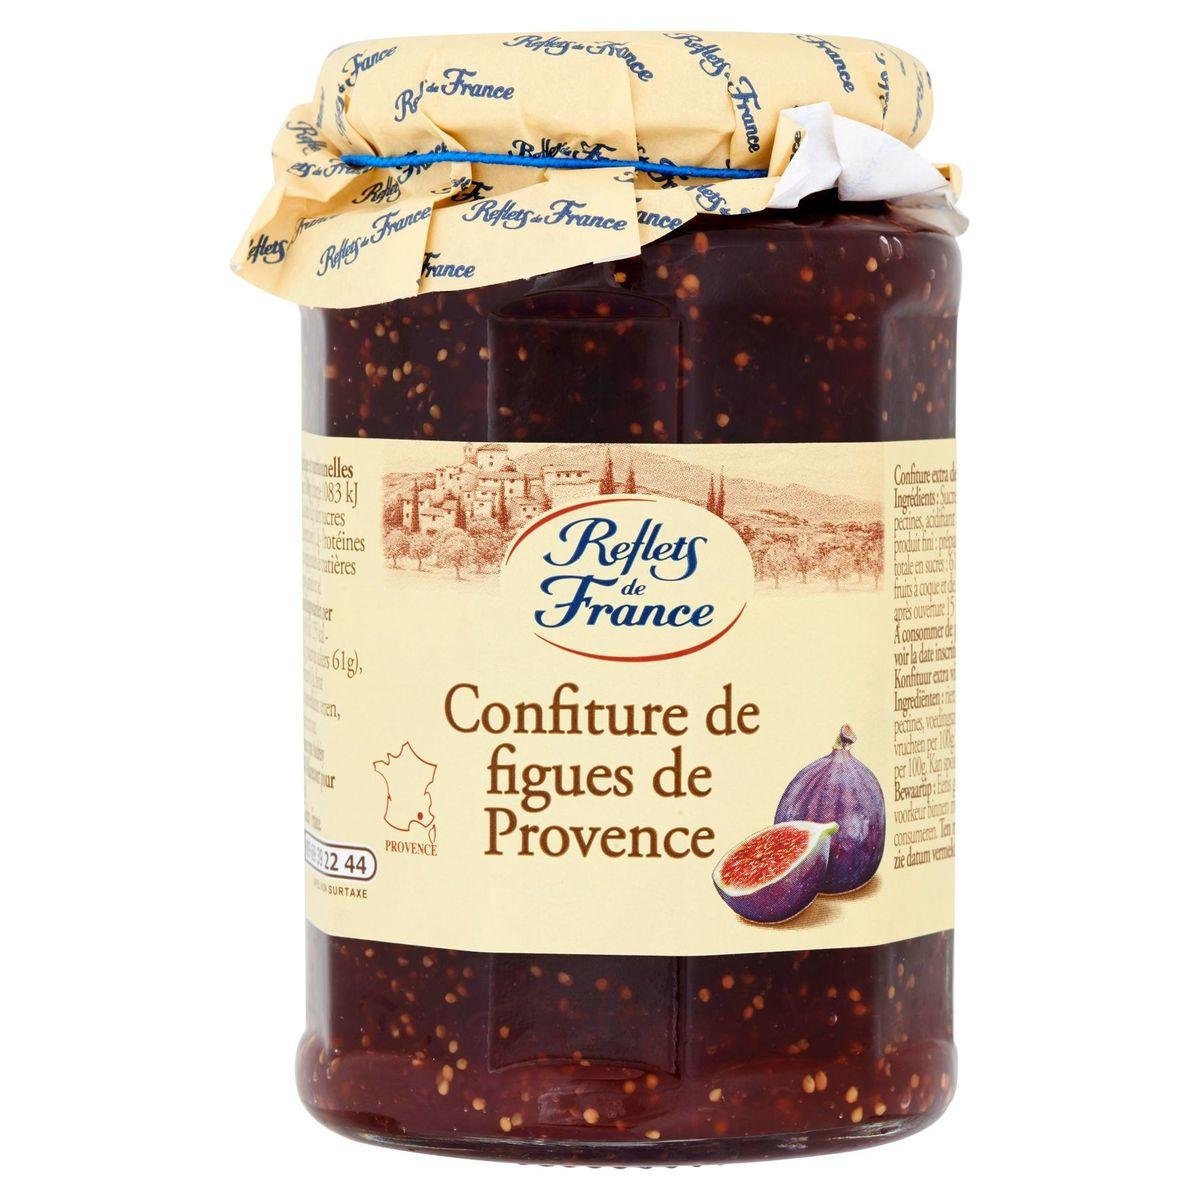 Reflets de France Confiture de Figues de Provence 325 g